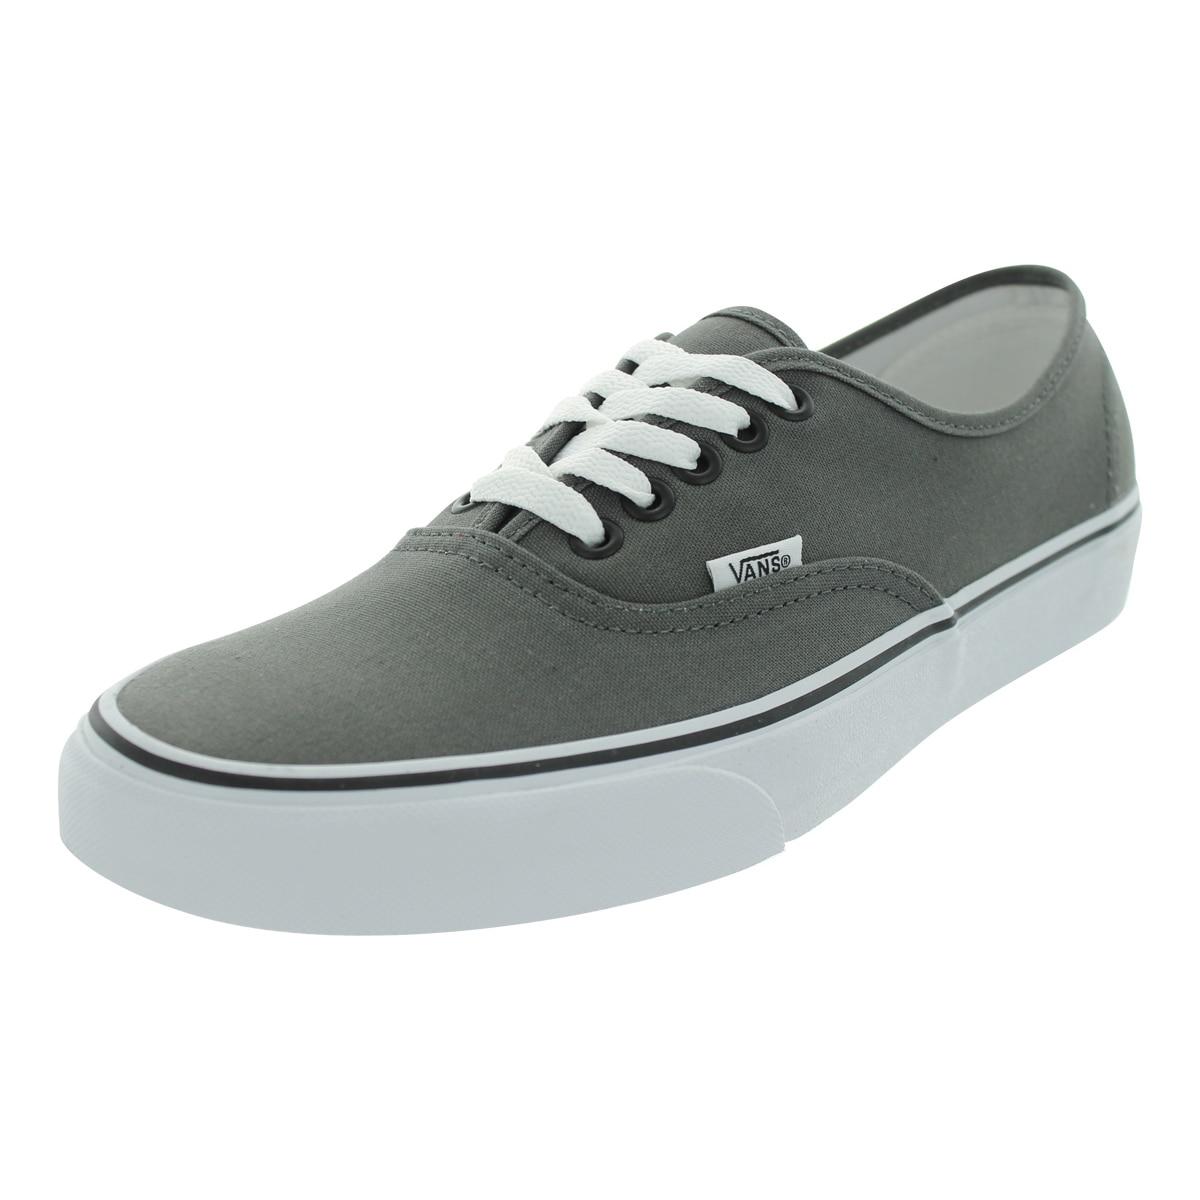 d4ae46d876e Shop Vans Men s Authentic Pewter Black Canvas Skate Shoes - Free ...